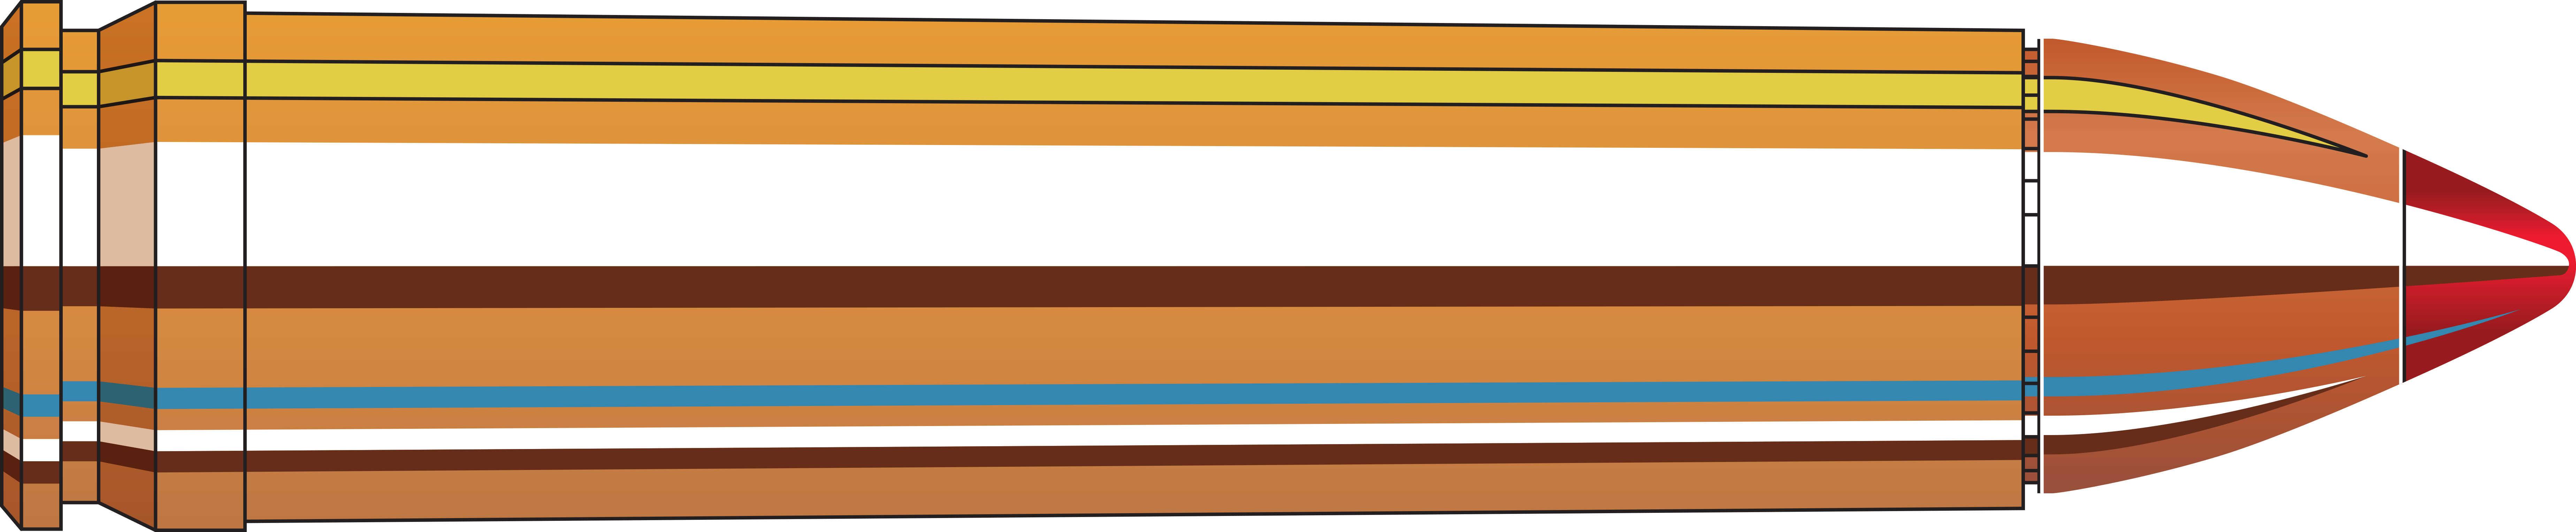 Hornady 450 Marlin 450 Marlin, 325gr, Leverevolution, (Per 20) 82750